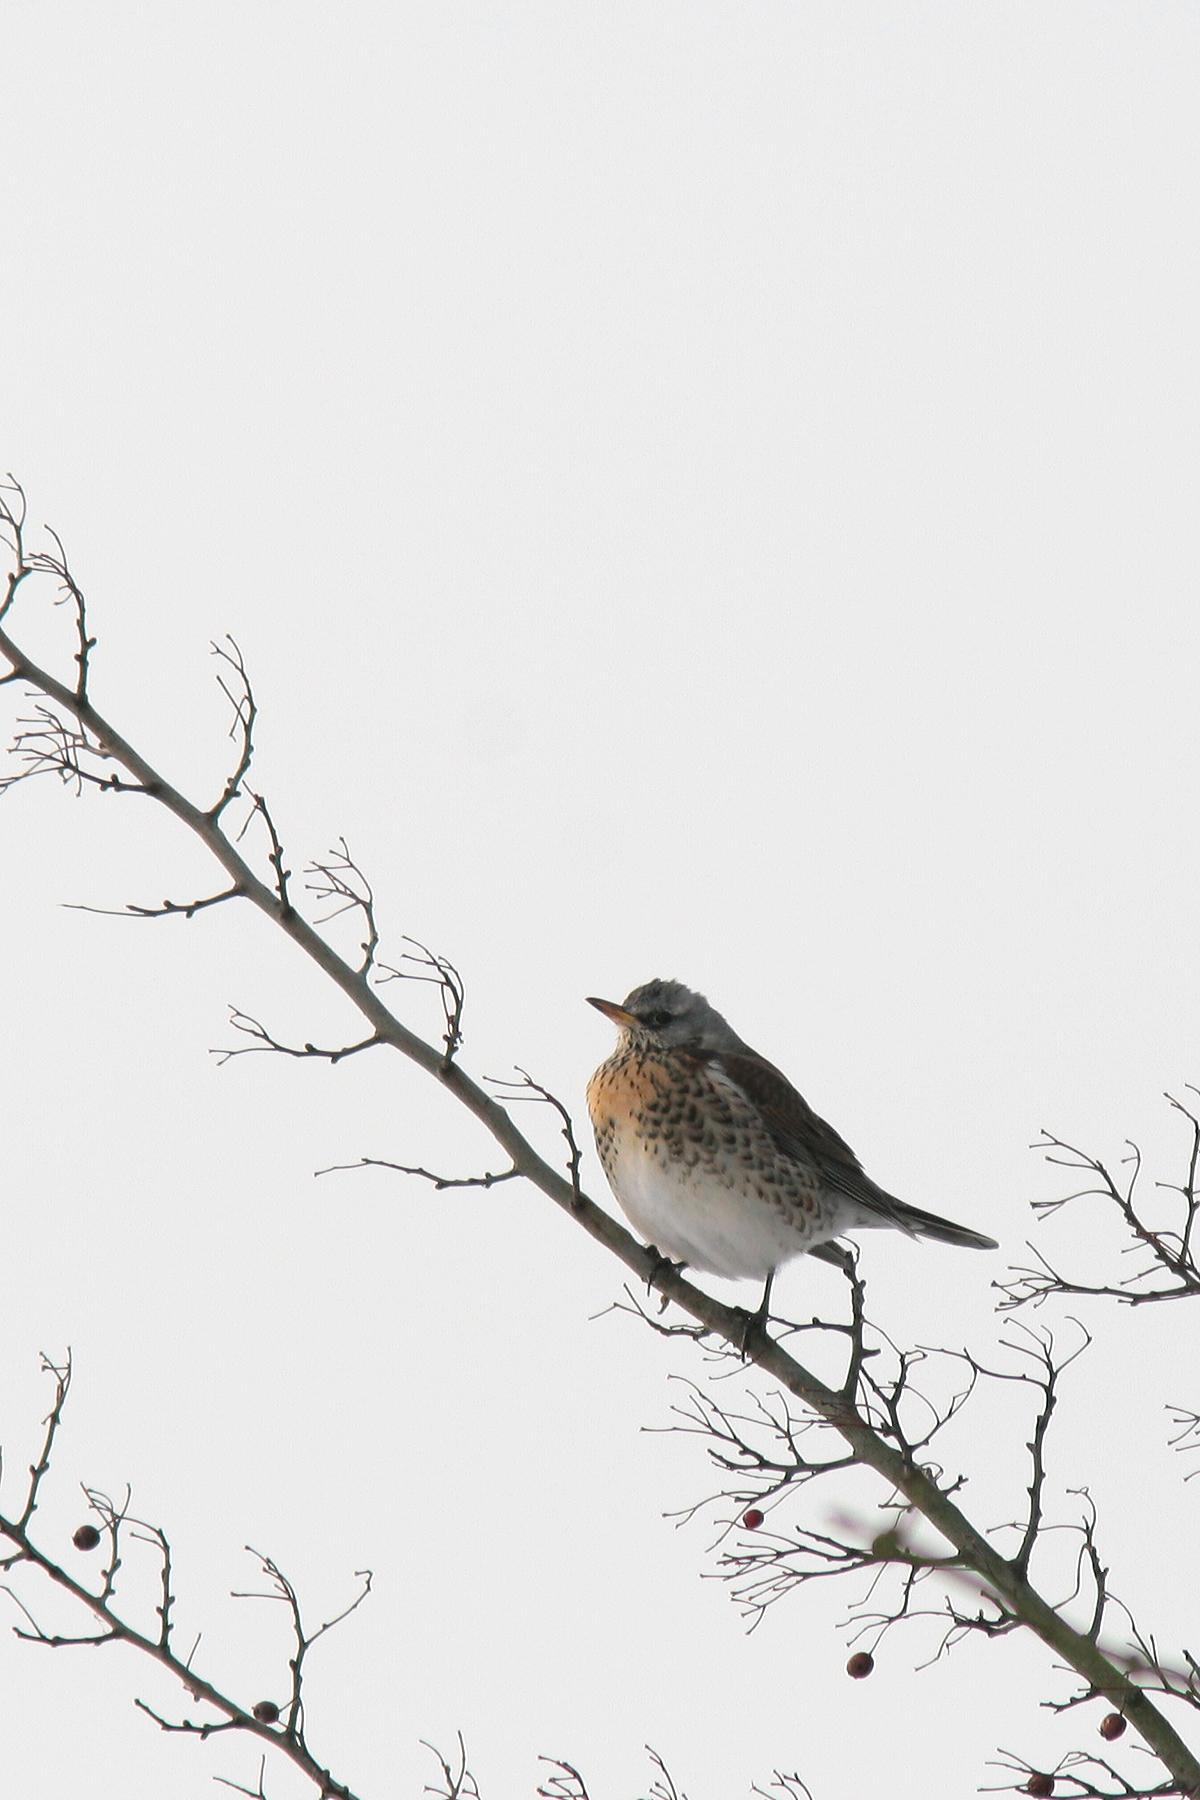 kramsvogel IMG_0004